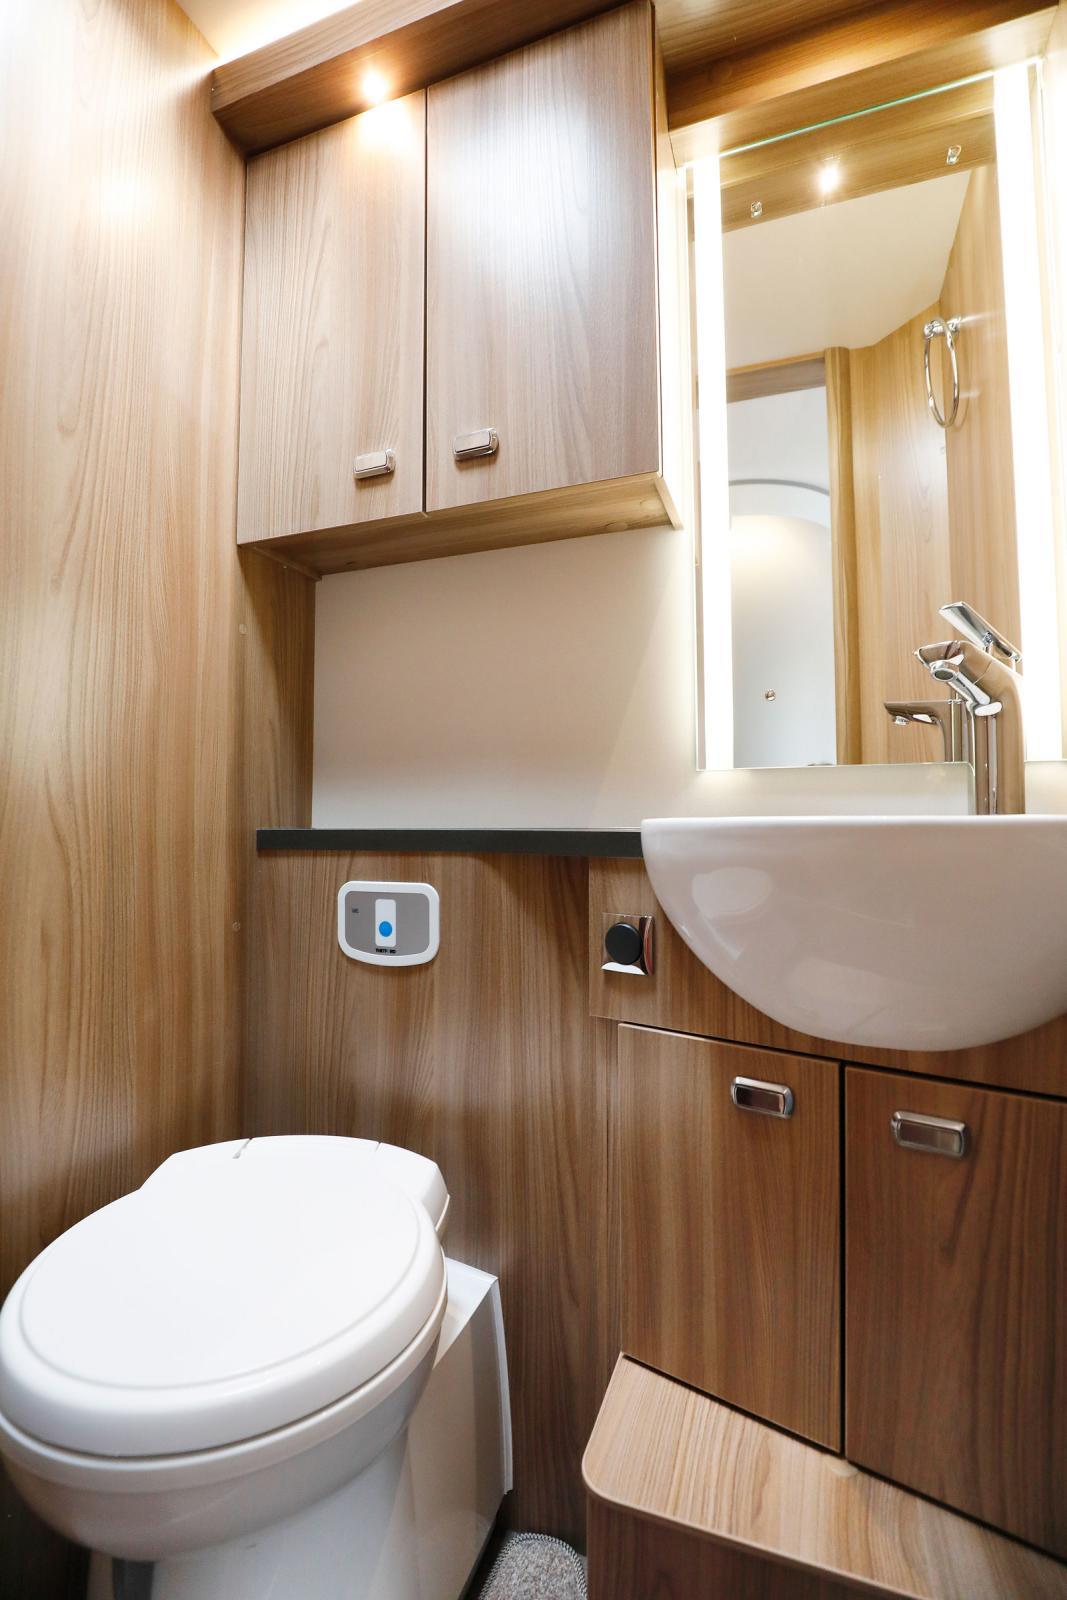 Toaletten är rymlig och har gott om förvaring för det som behövs här.